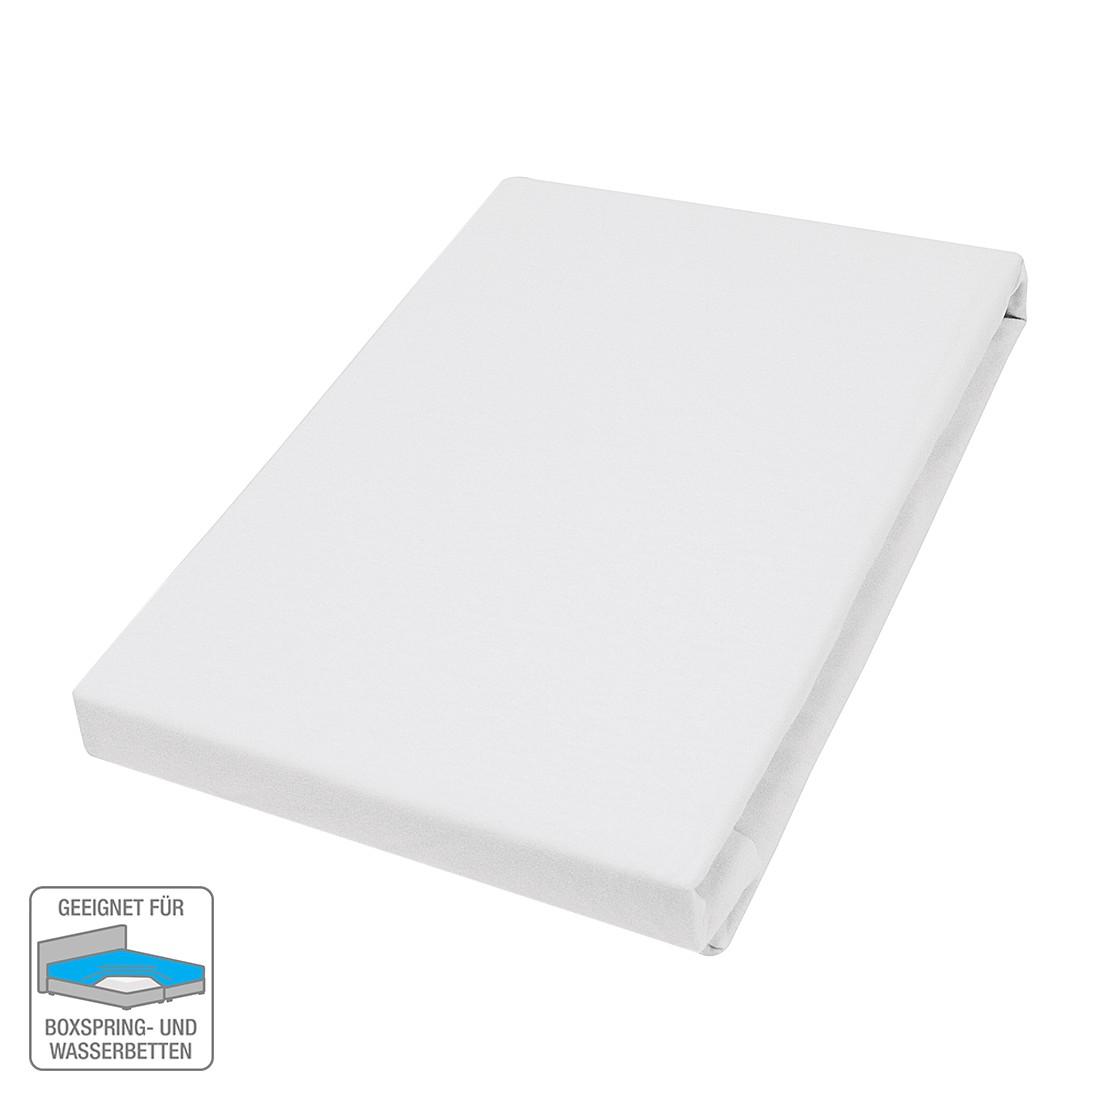 Elastan-Feinjersey-Spannbetttuch – Weiß – 180-200 x 200-220 cm, vario günstig online kaufen